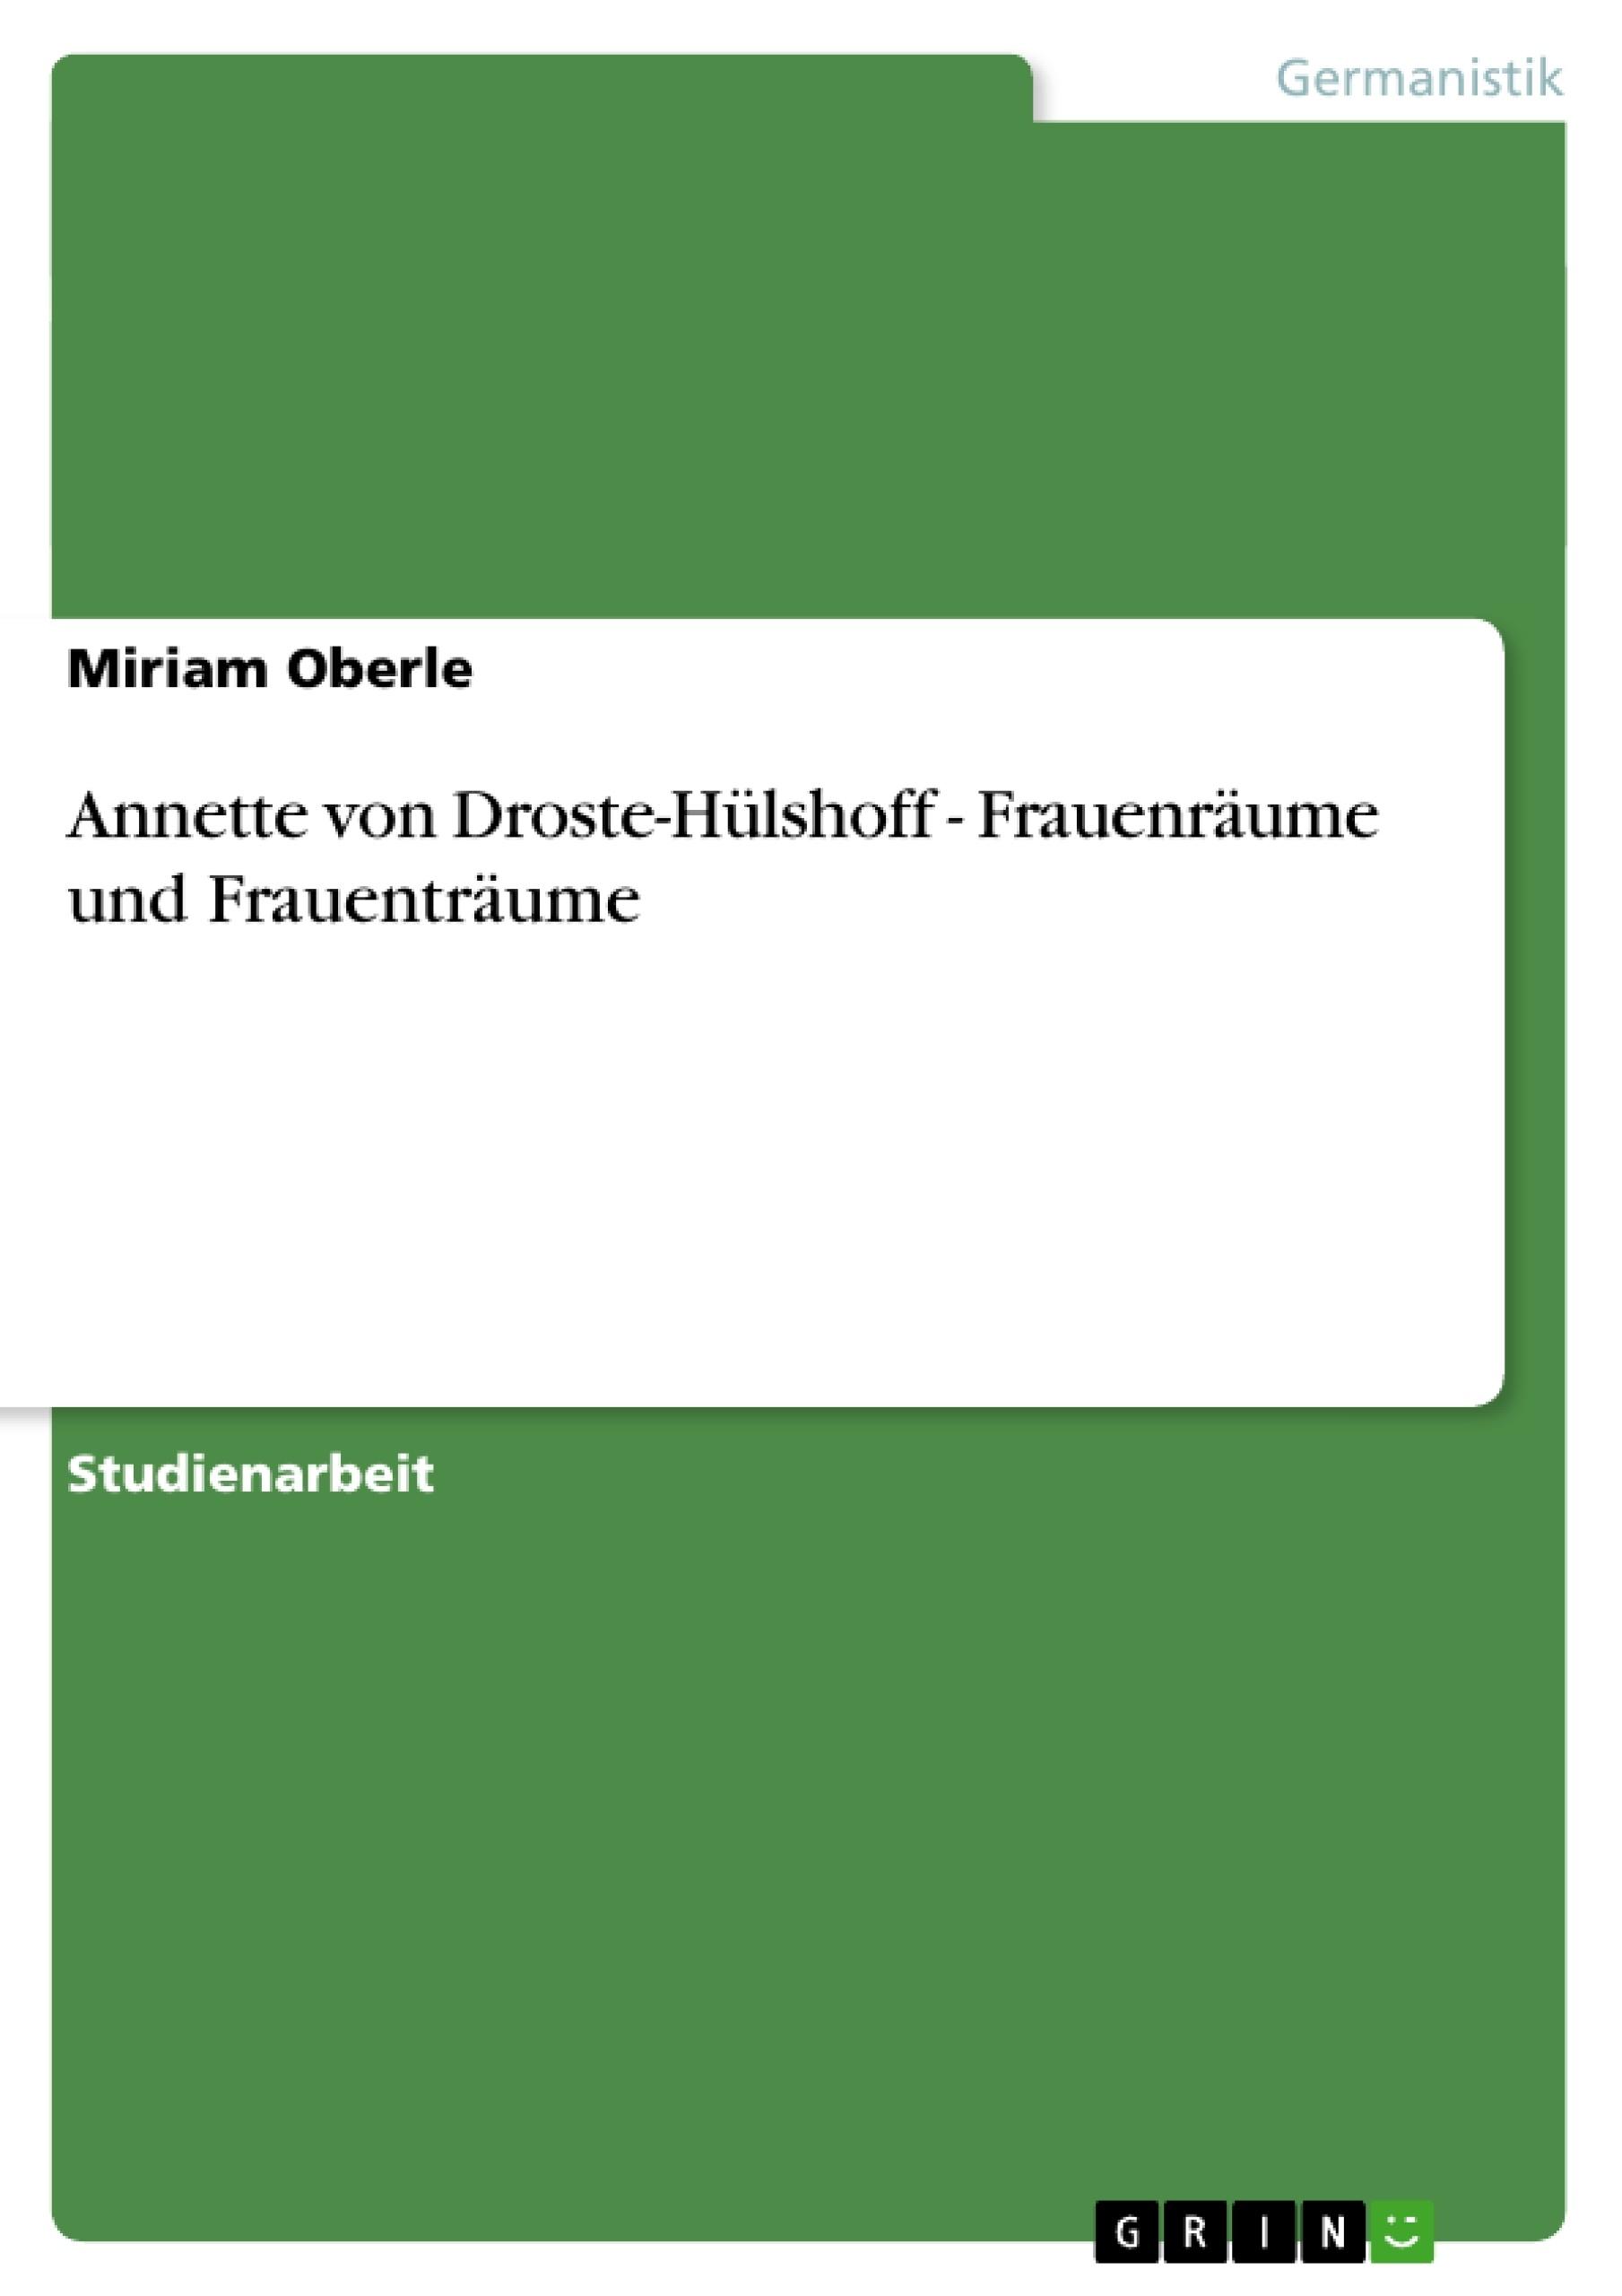 Titel: Annette von Droste-Hülshoff - Frauenräume und Frauenträume